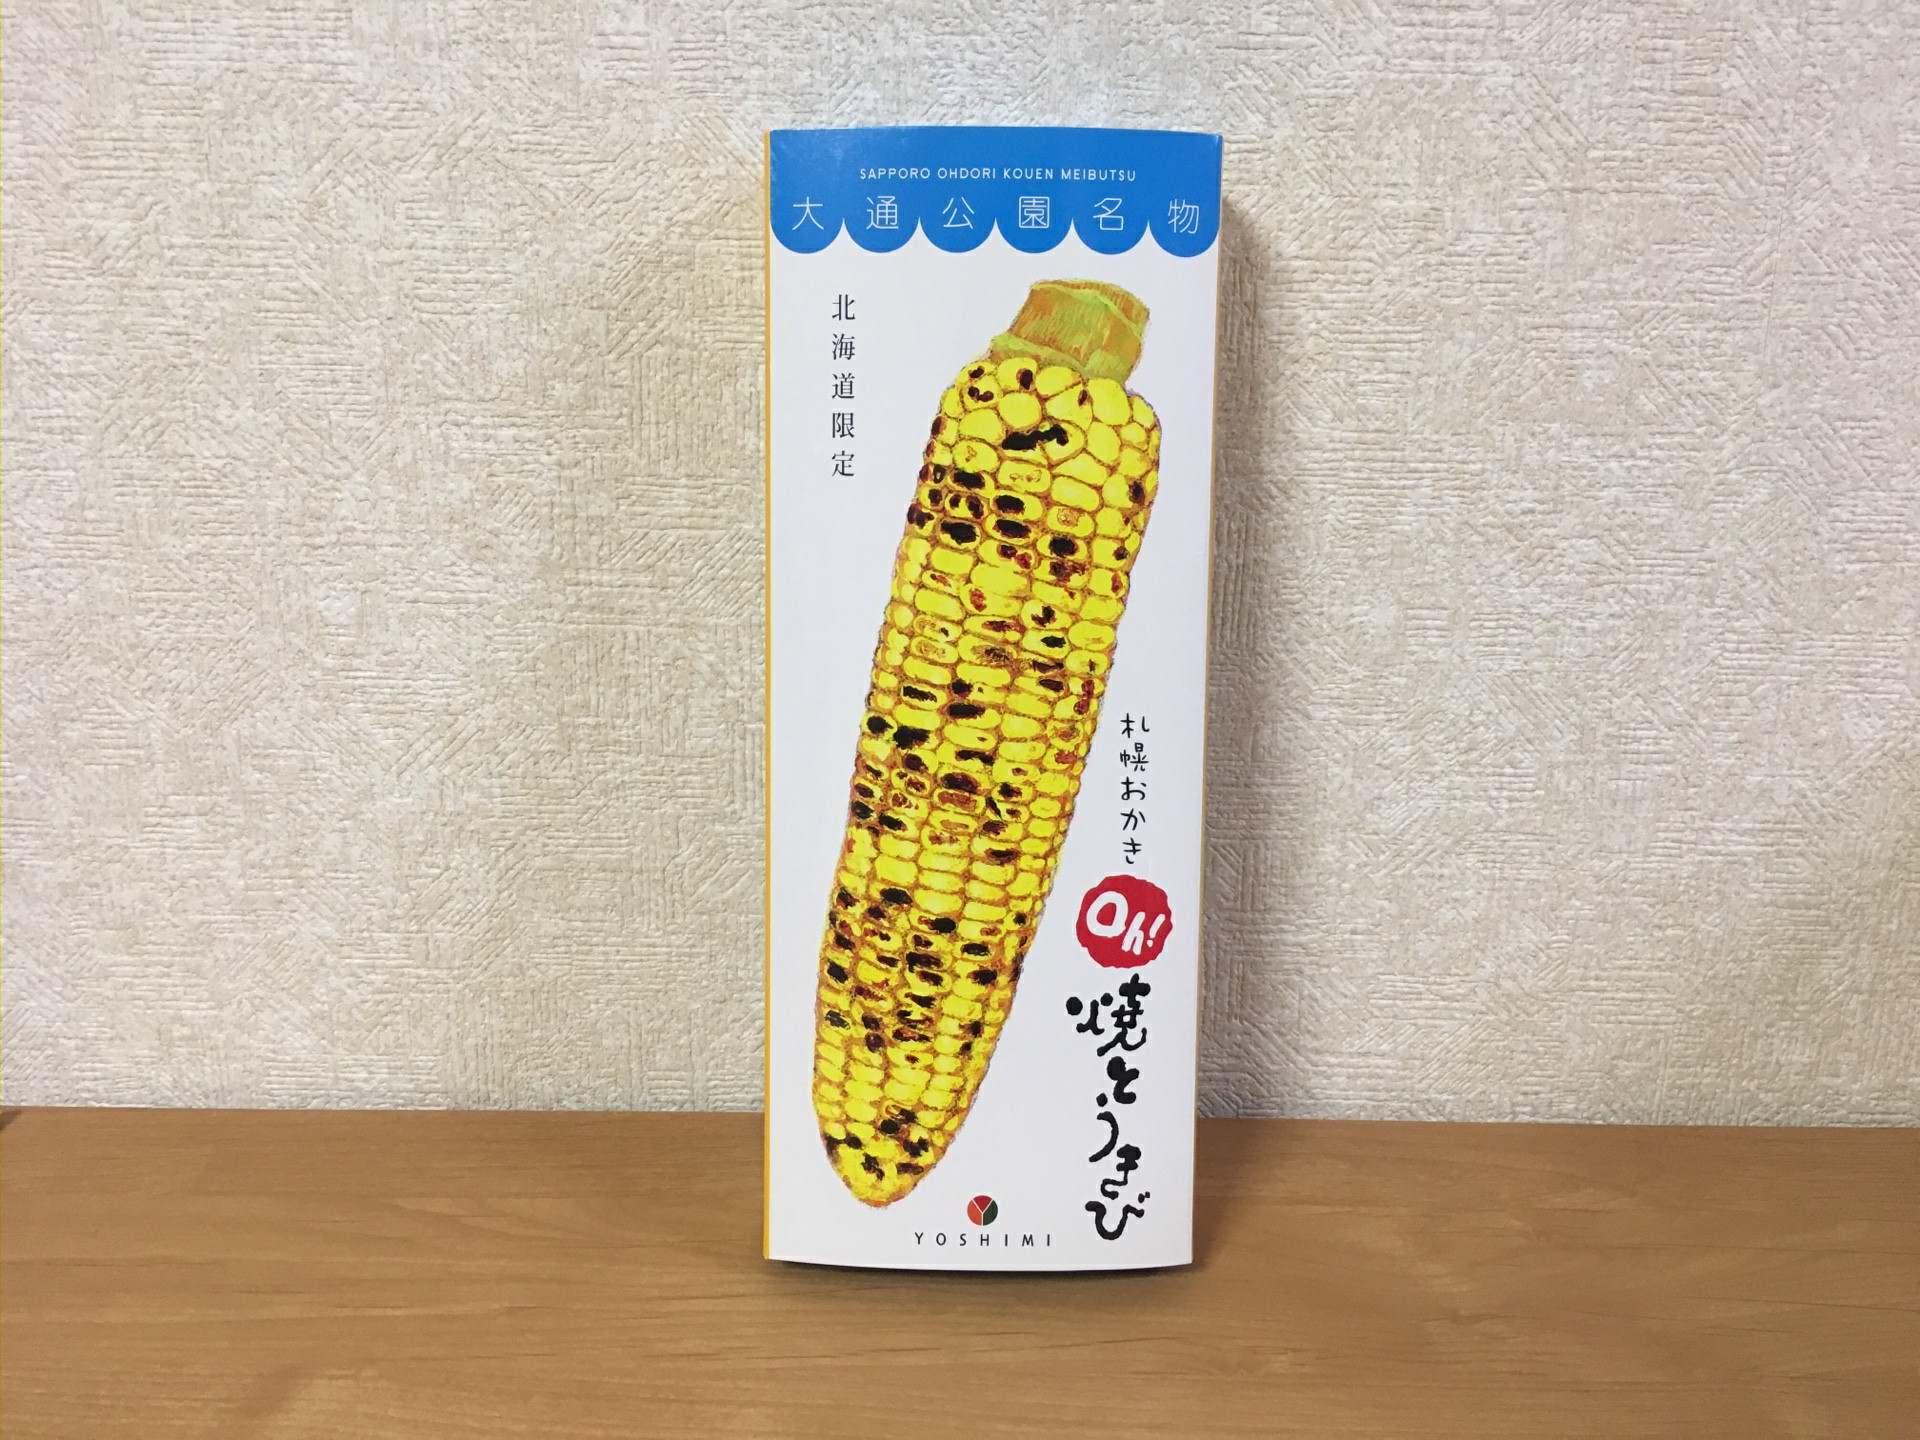 6 x 18g Packets – 648 yen (tax incl.)